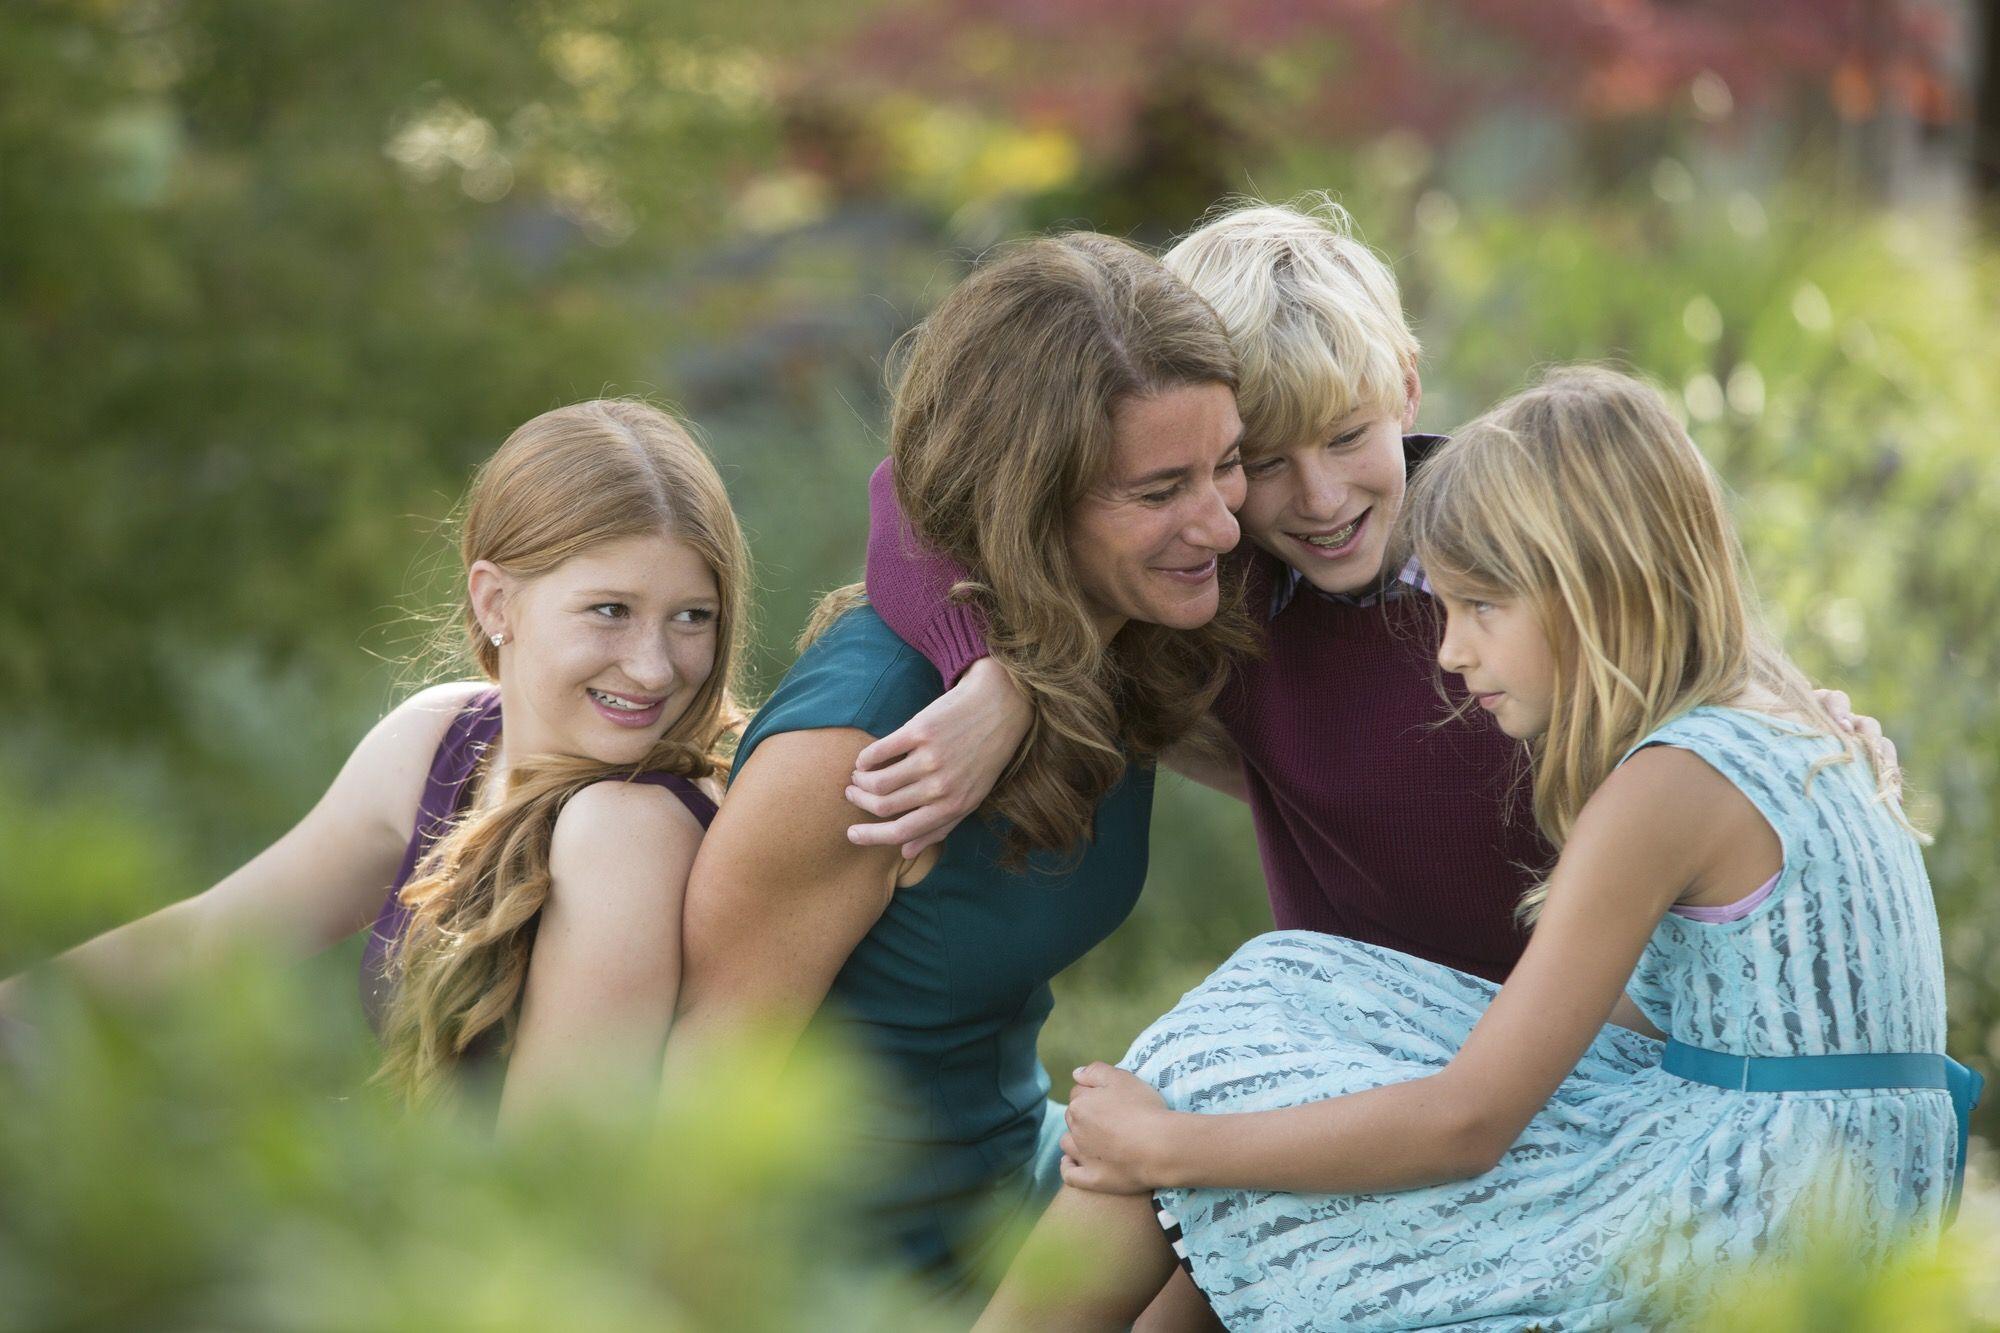 Melinda đăng ảnh cùng 3 con trên mạng xã hội nhân Ngày của Mẹ.